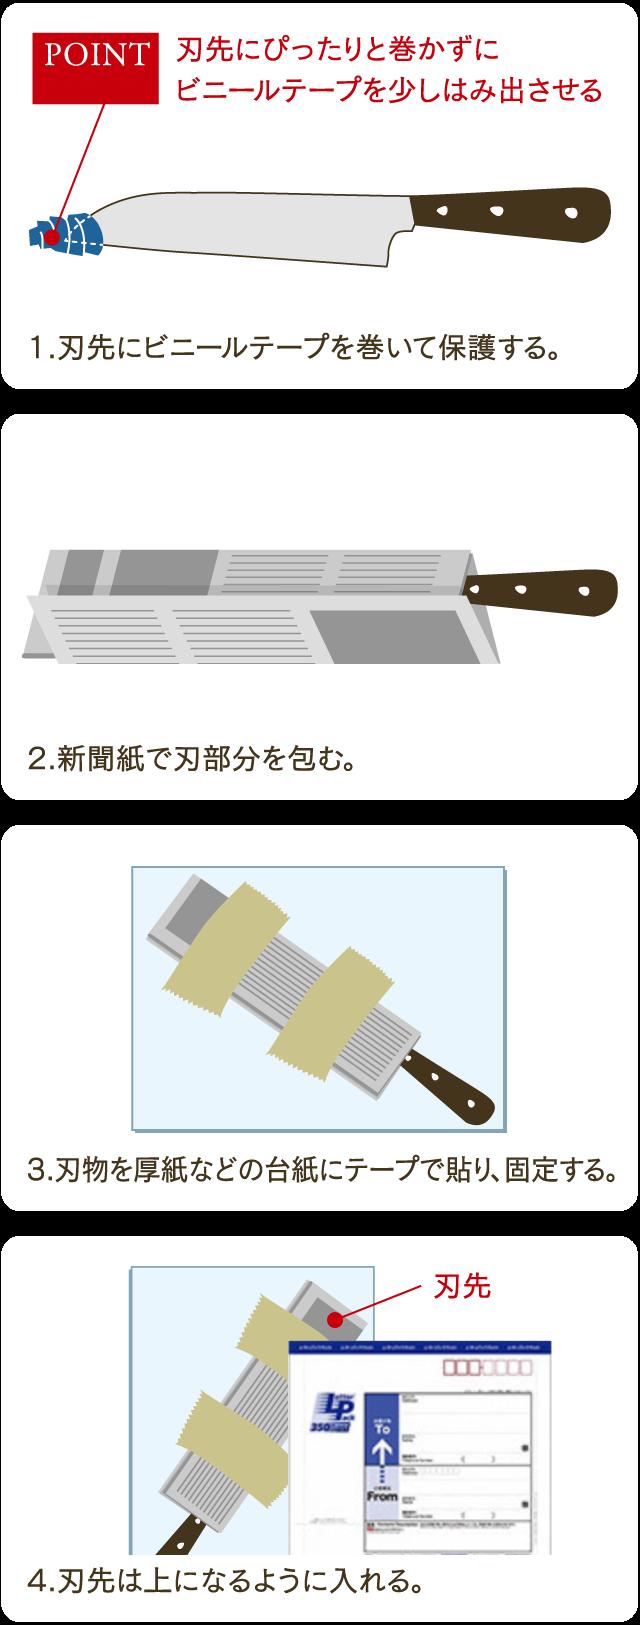 刃物を梱包する